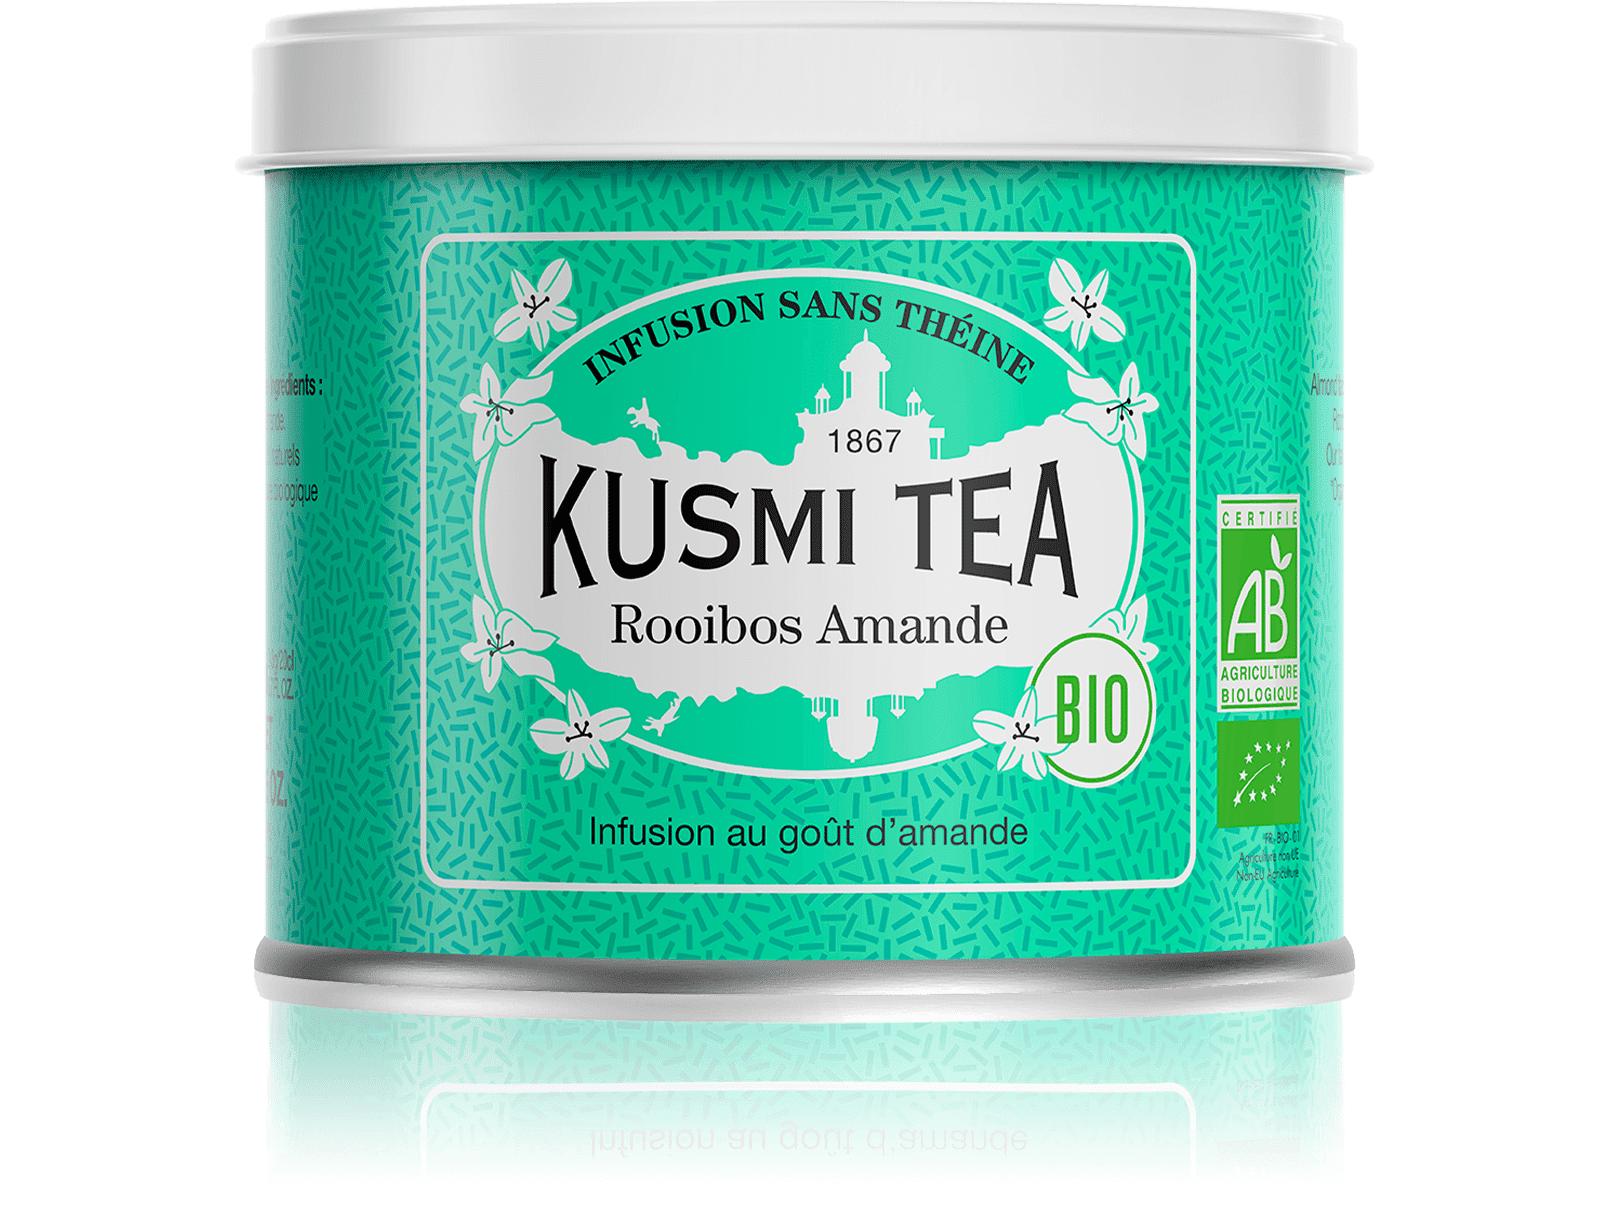 KUSMI TEA Rooibos Amande (Infusion bio) - Infusion au goût d'amande - Kusmi Tea